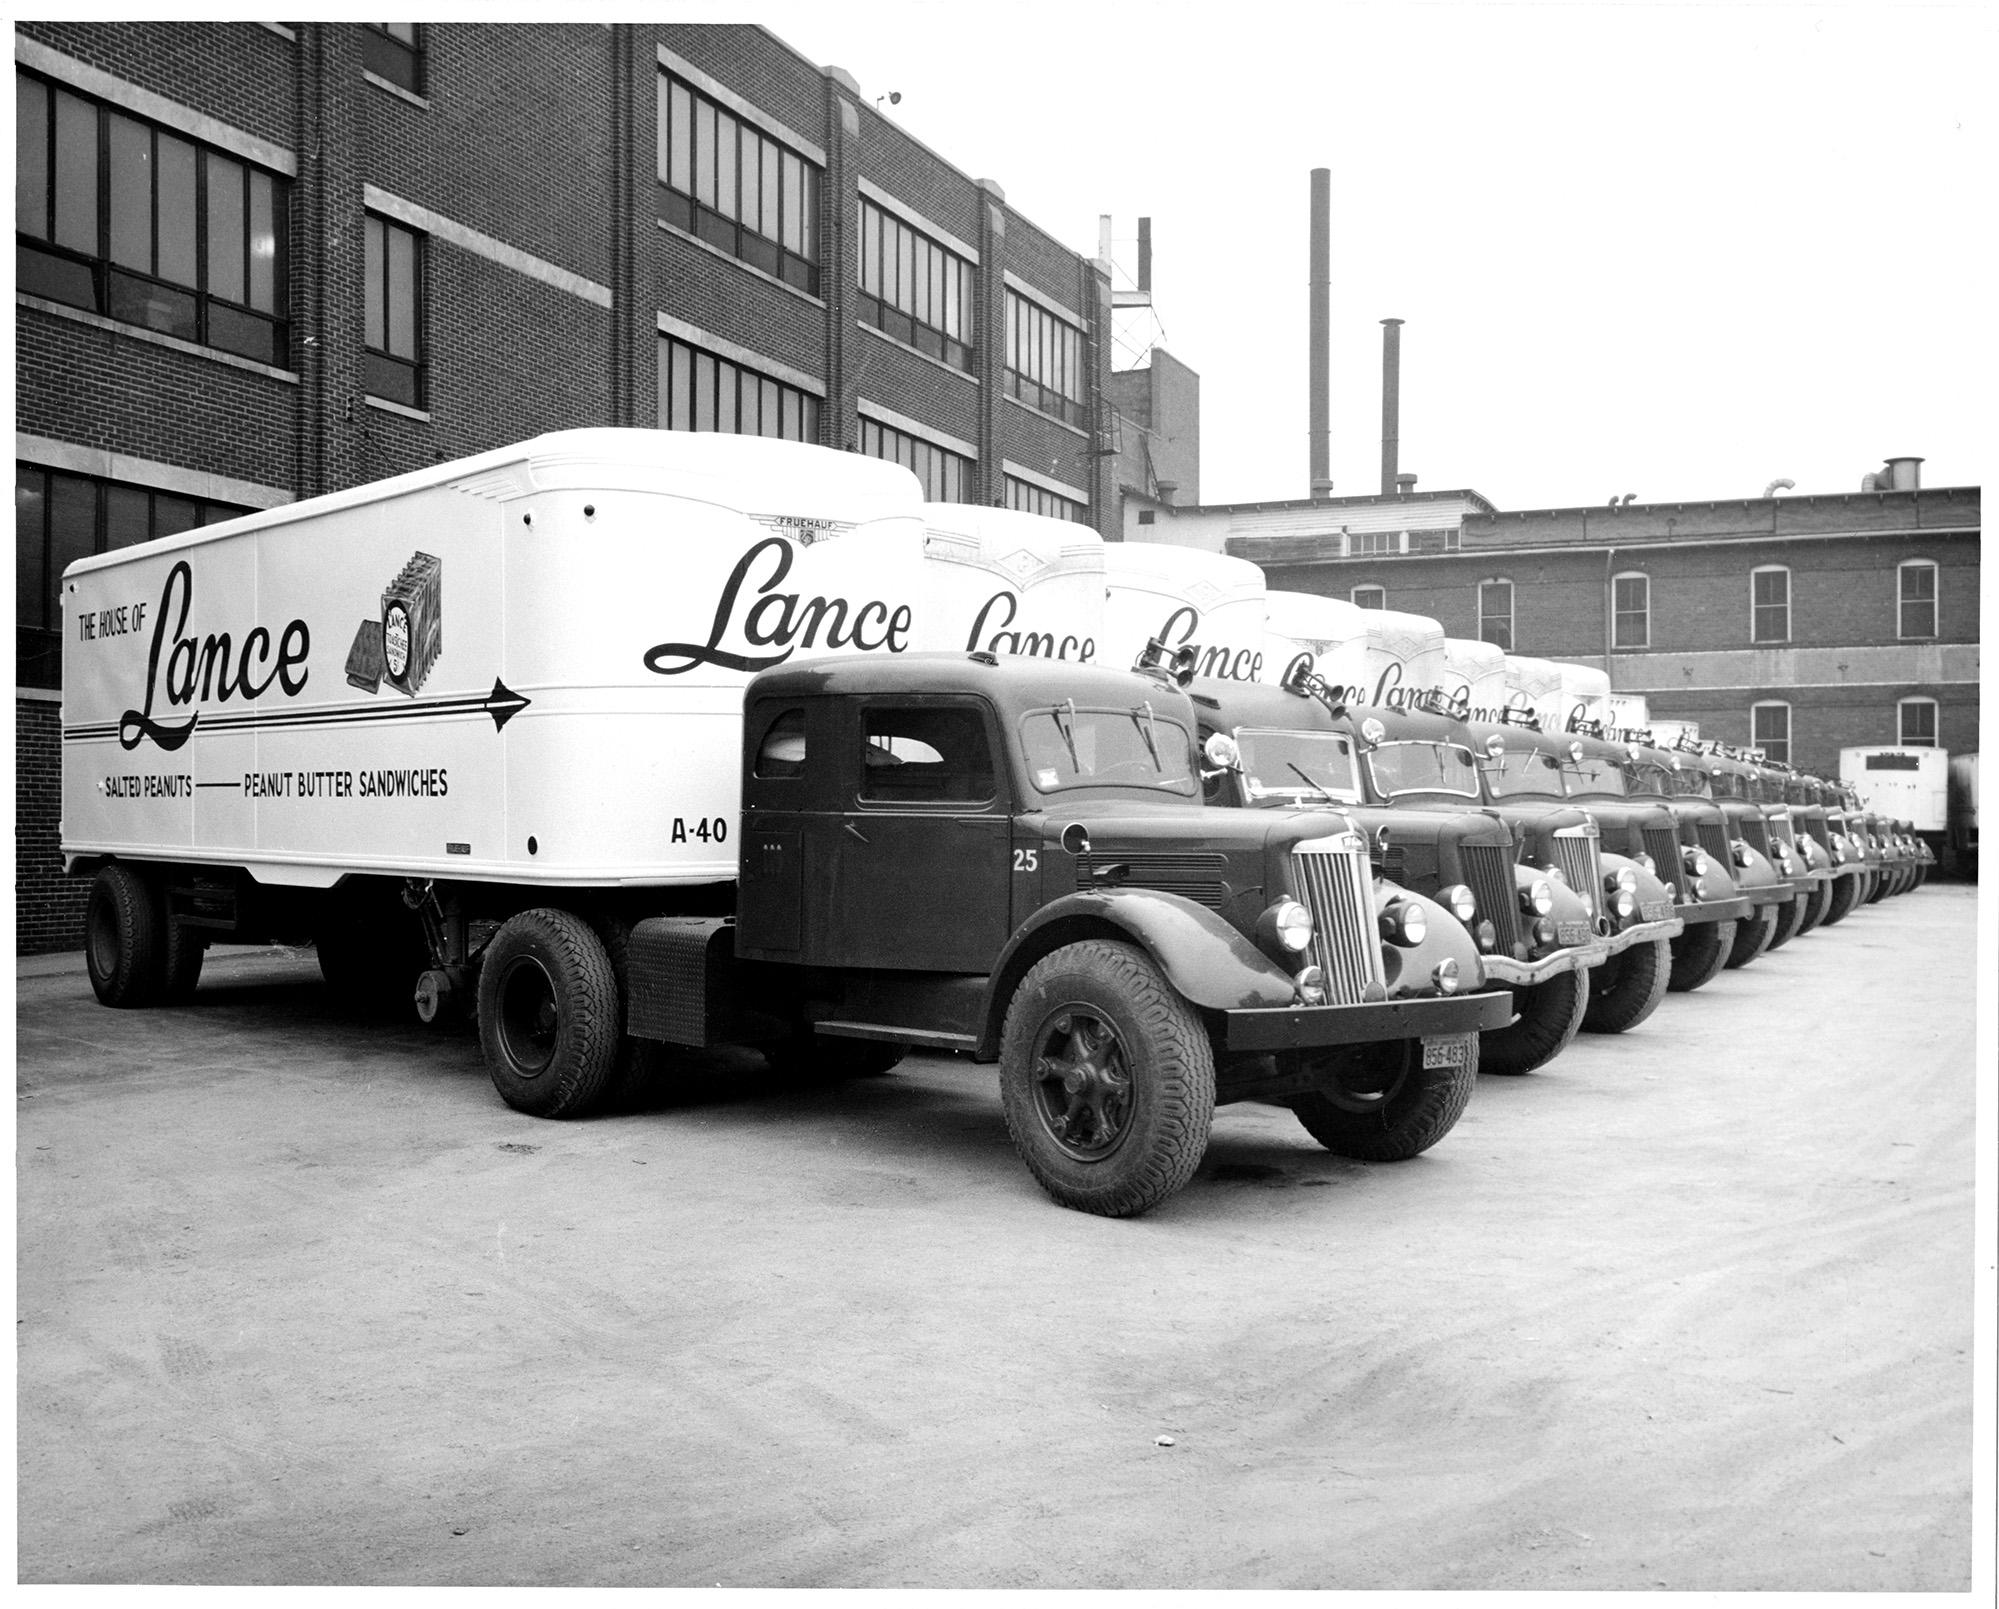 Lance Cracker trucks in Charlotte in the 1940s.